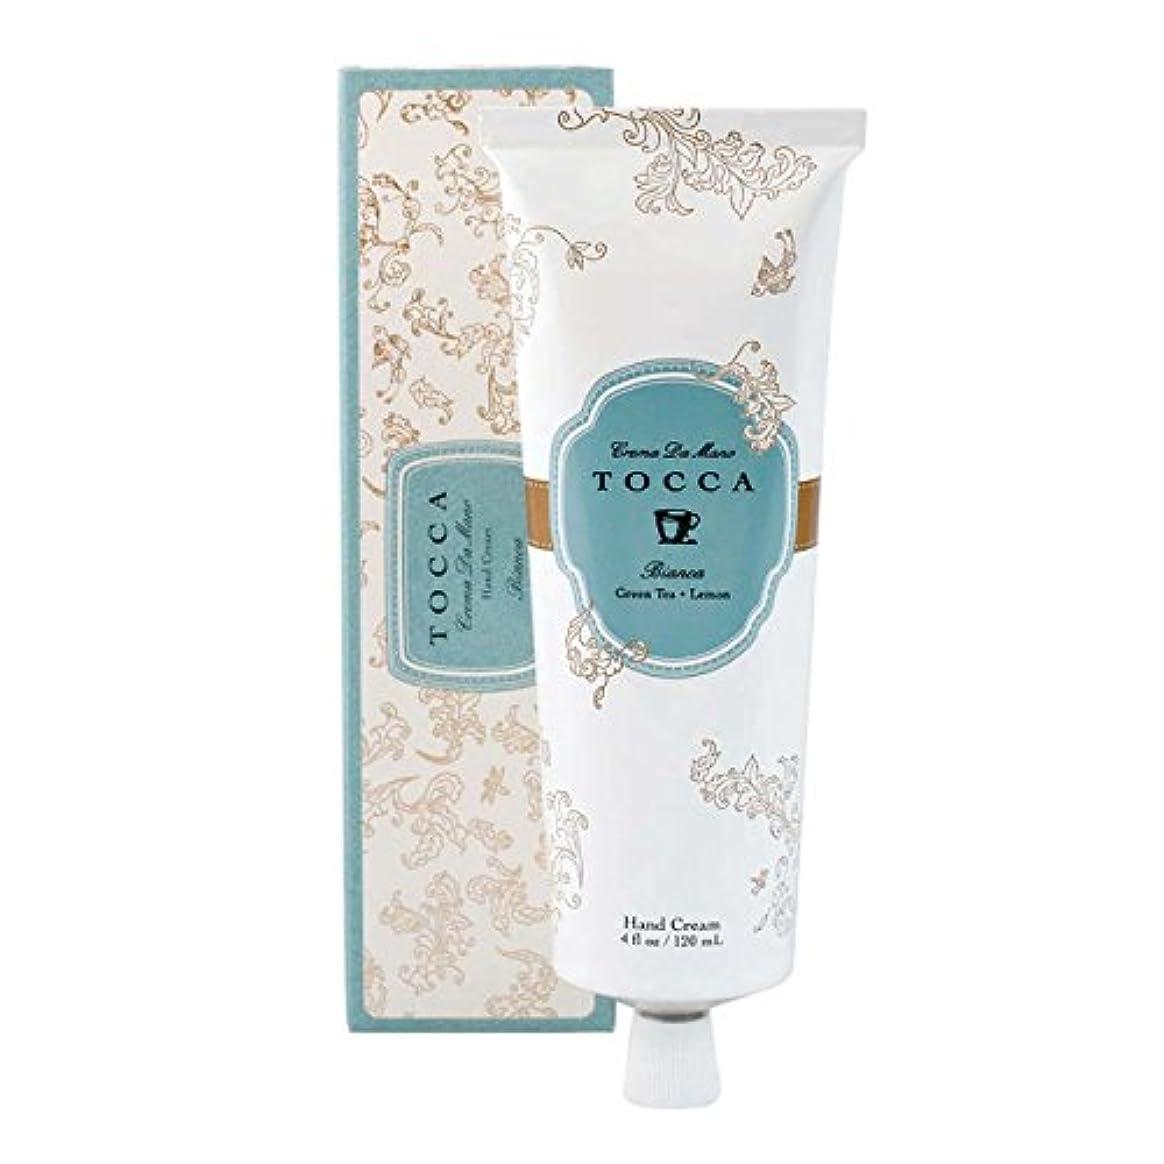 トッカ(TOCCA) ハンドクリーム ビアンカの香り 120ml